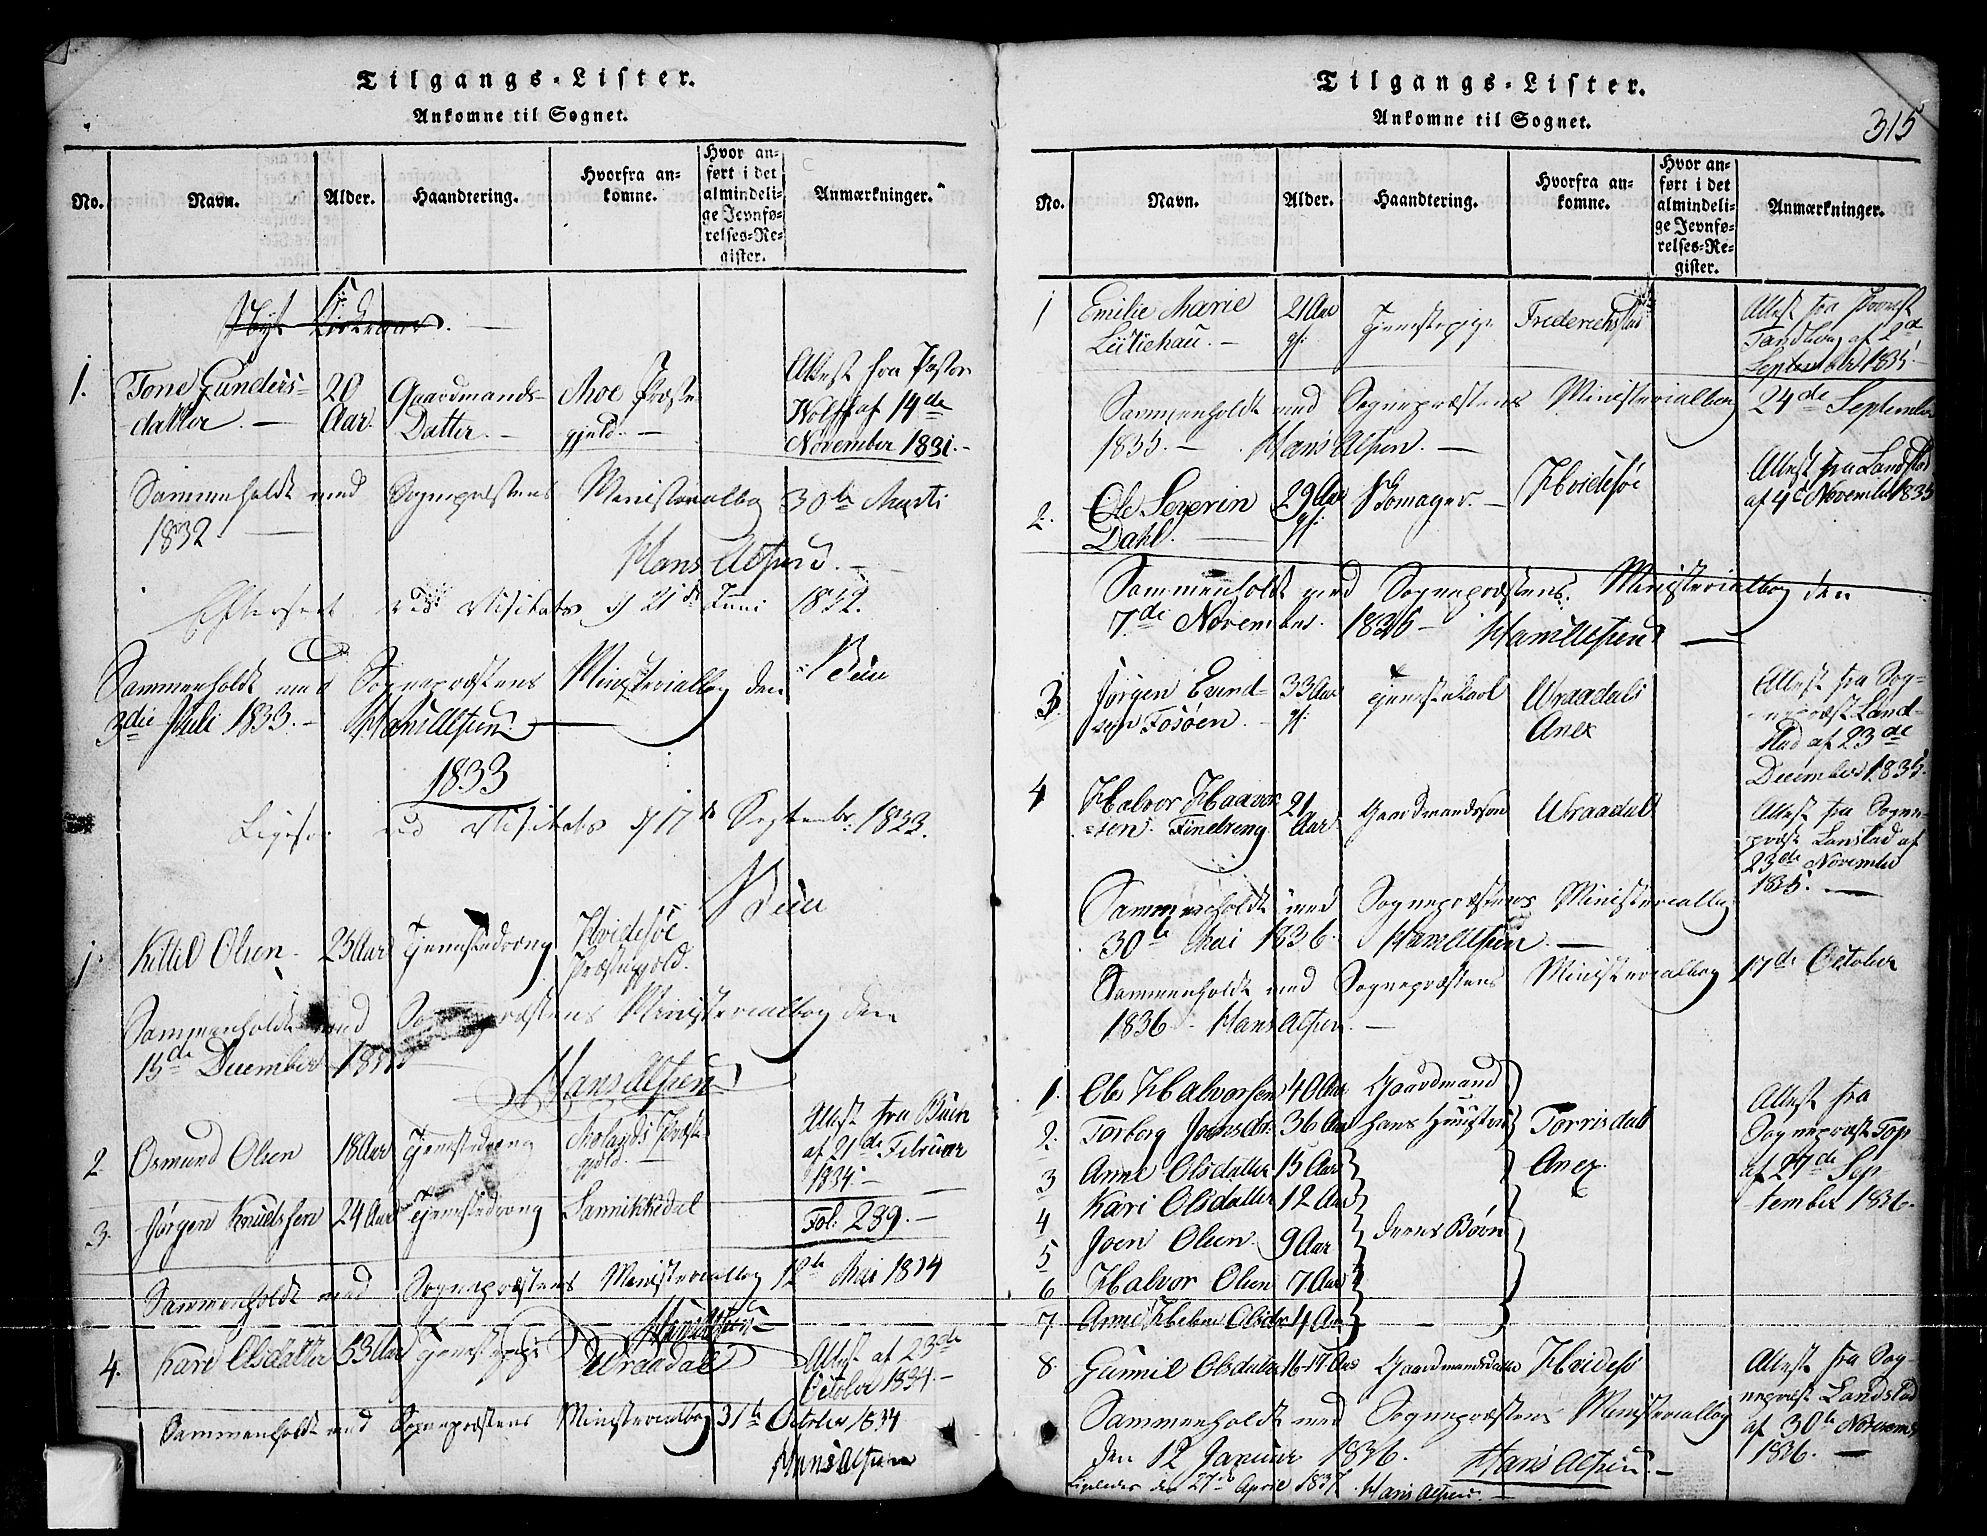 SAKO, Nissedal kirkebøker, G/Ga/L0001: Klokkerbok nr. I 1, 1814-1860, s. 315